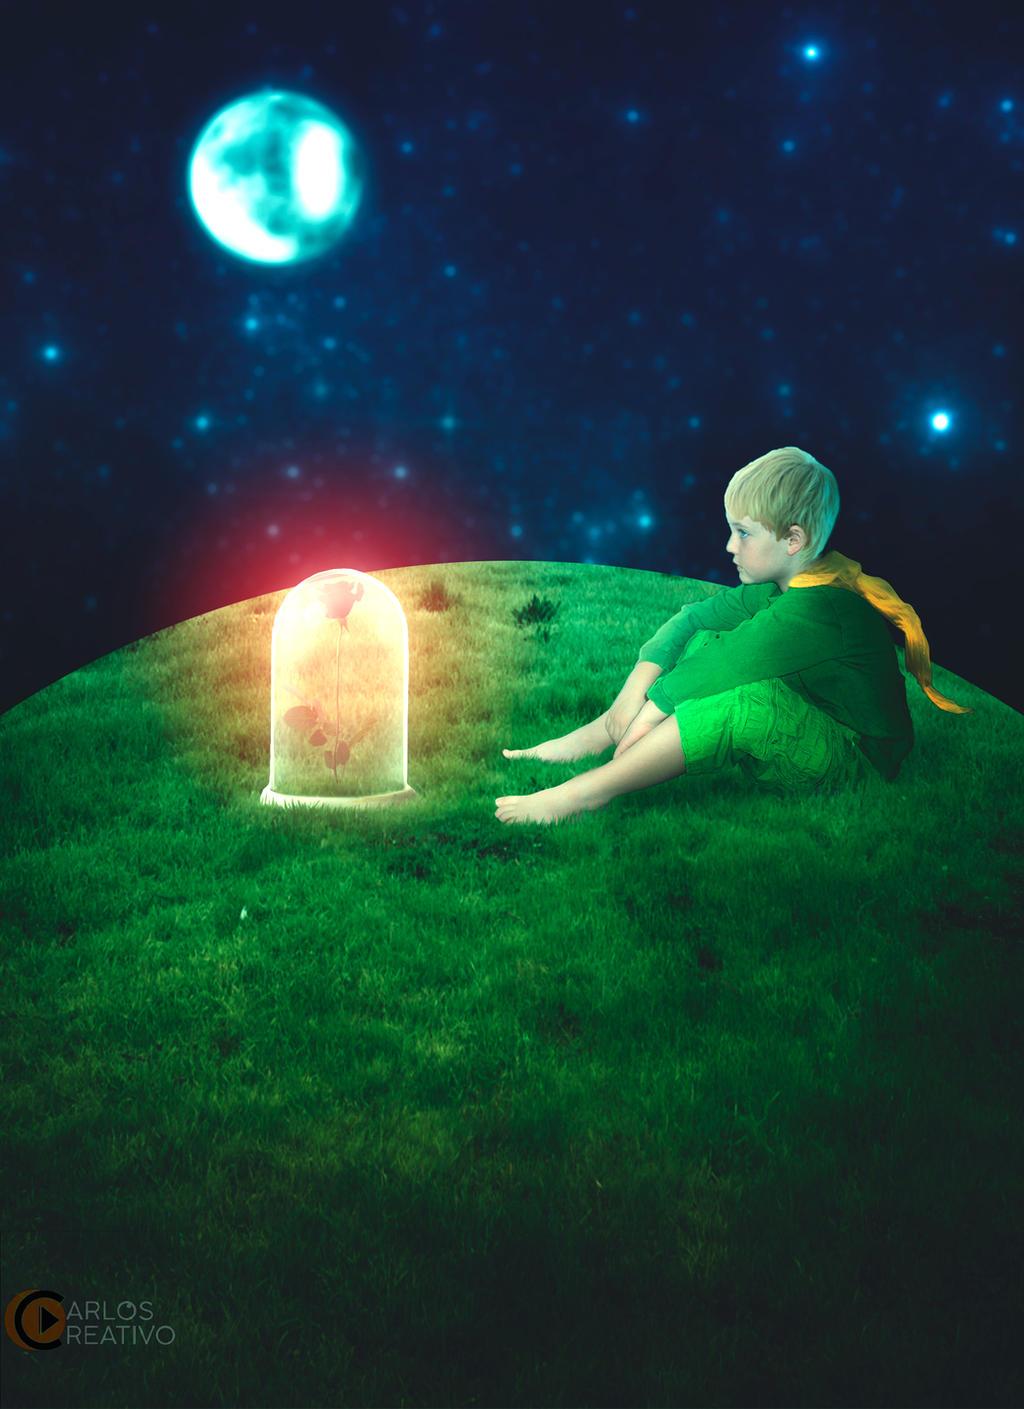 El Principito | The Little Prince